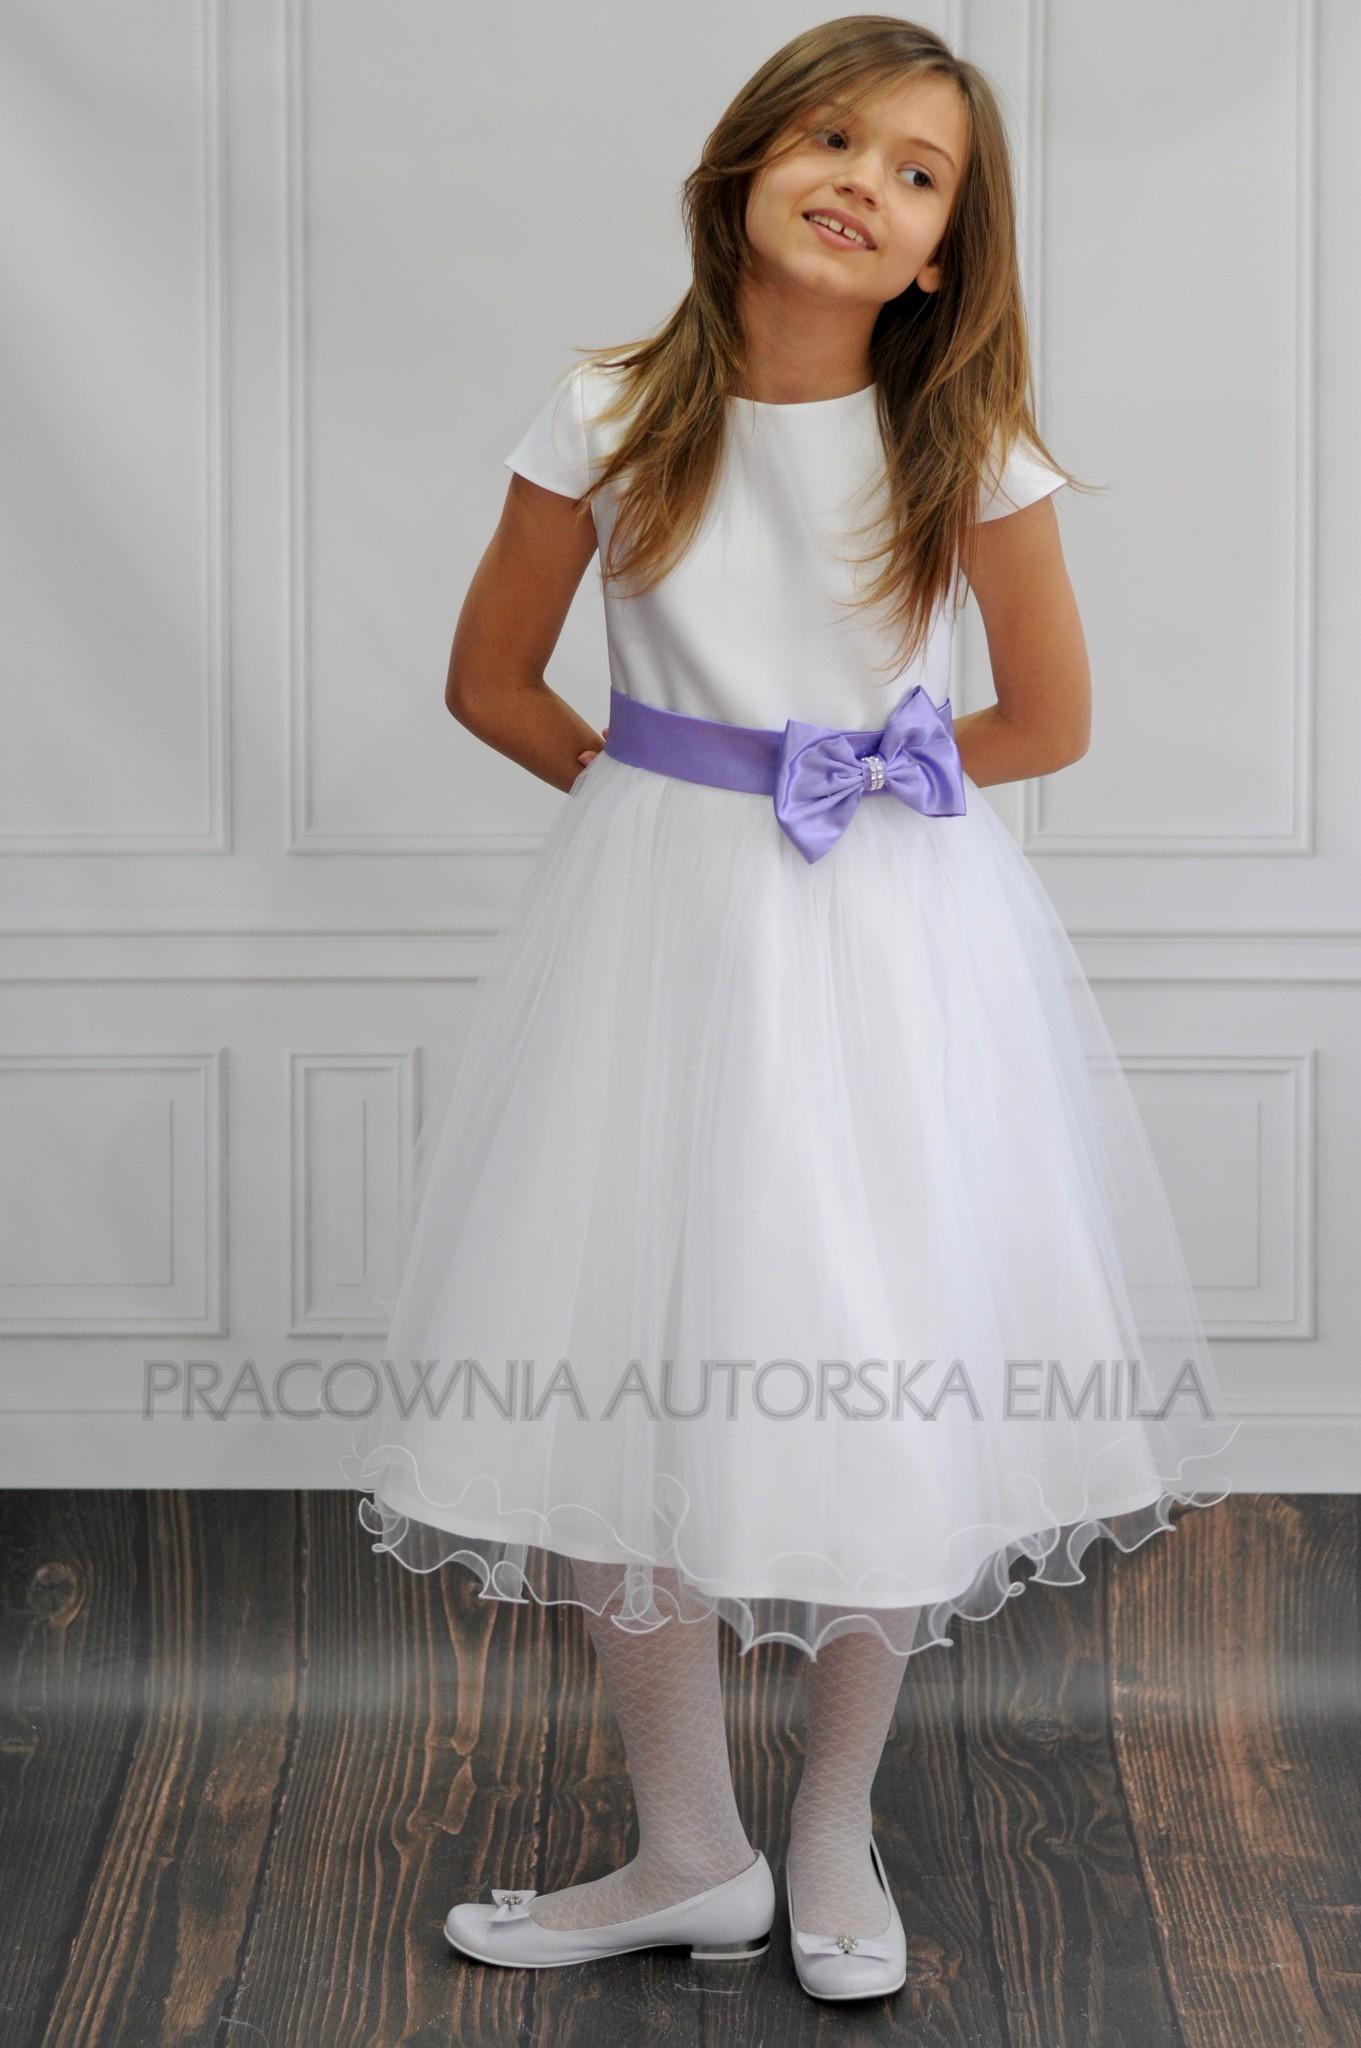 98b36b91a1 Emma Biała sukienka dla druhenki